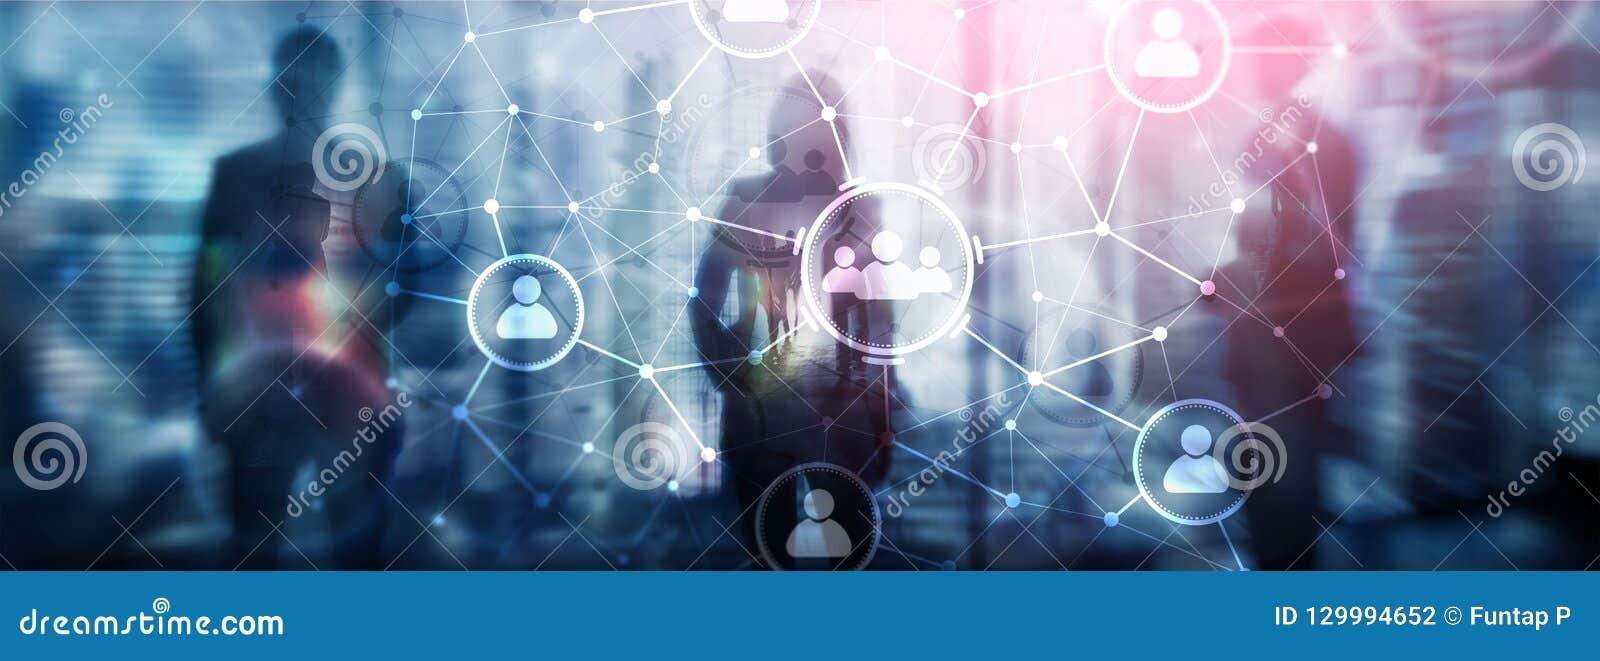 Ludzie powiązania i organizaci struktura wiązki komunikacyjne pojęcia rozmowy ma środki zaludniają socjalny Biznesu i technologii